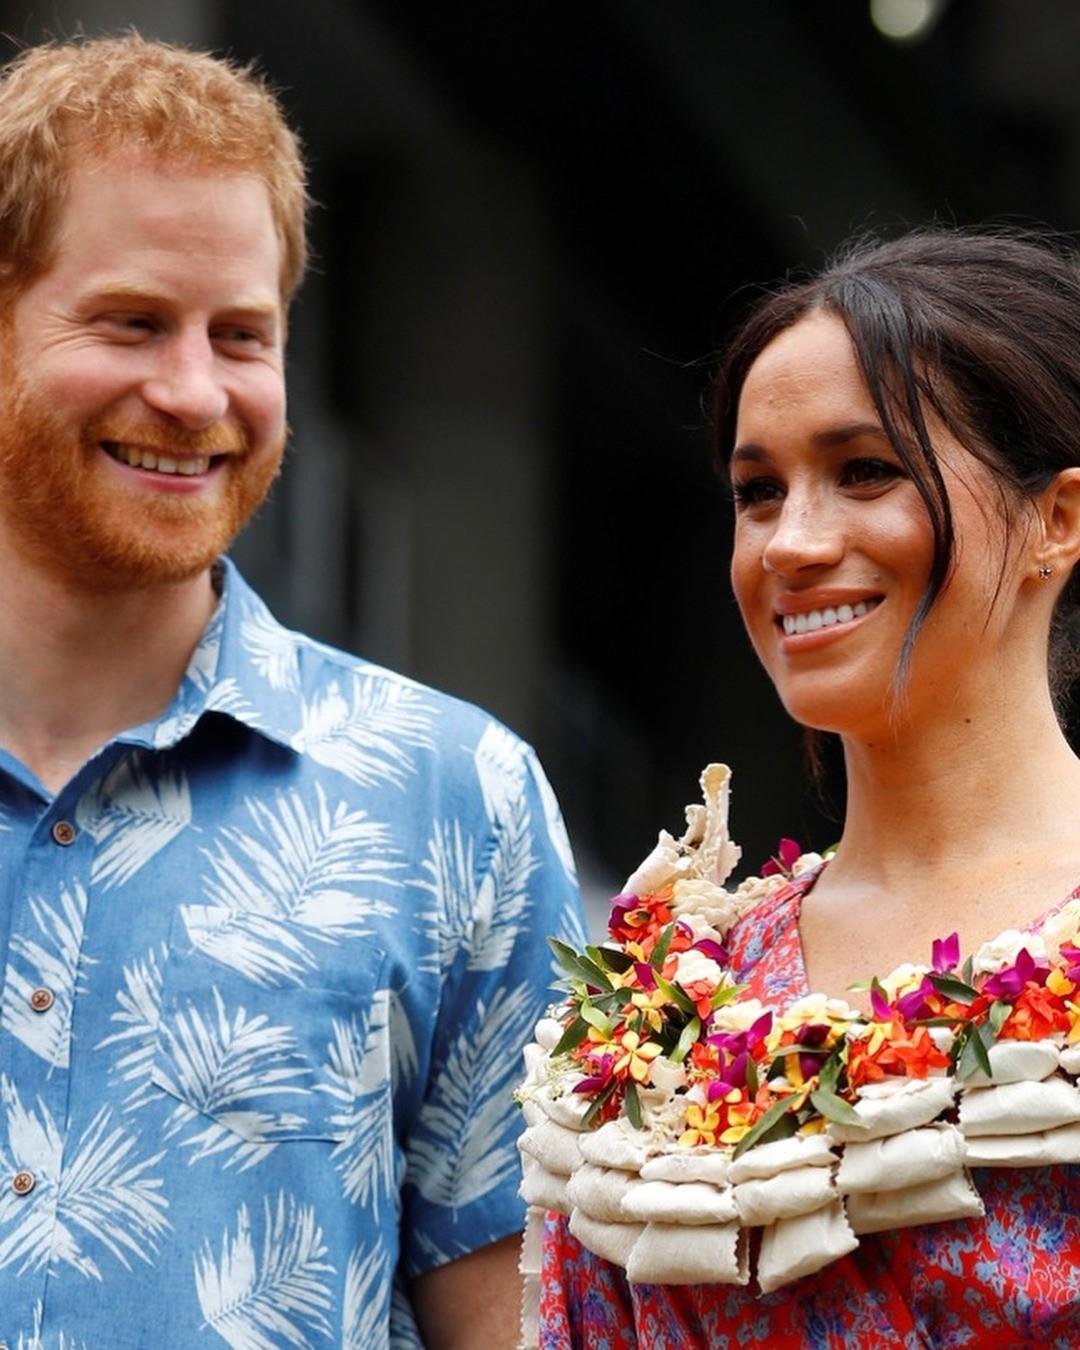 Рождение ребенка изменит отношения Меган Маркл и принца Гарри: прогноз астролога